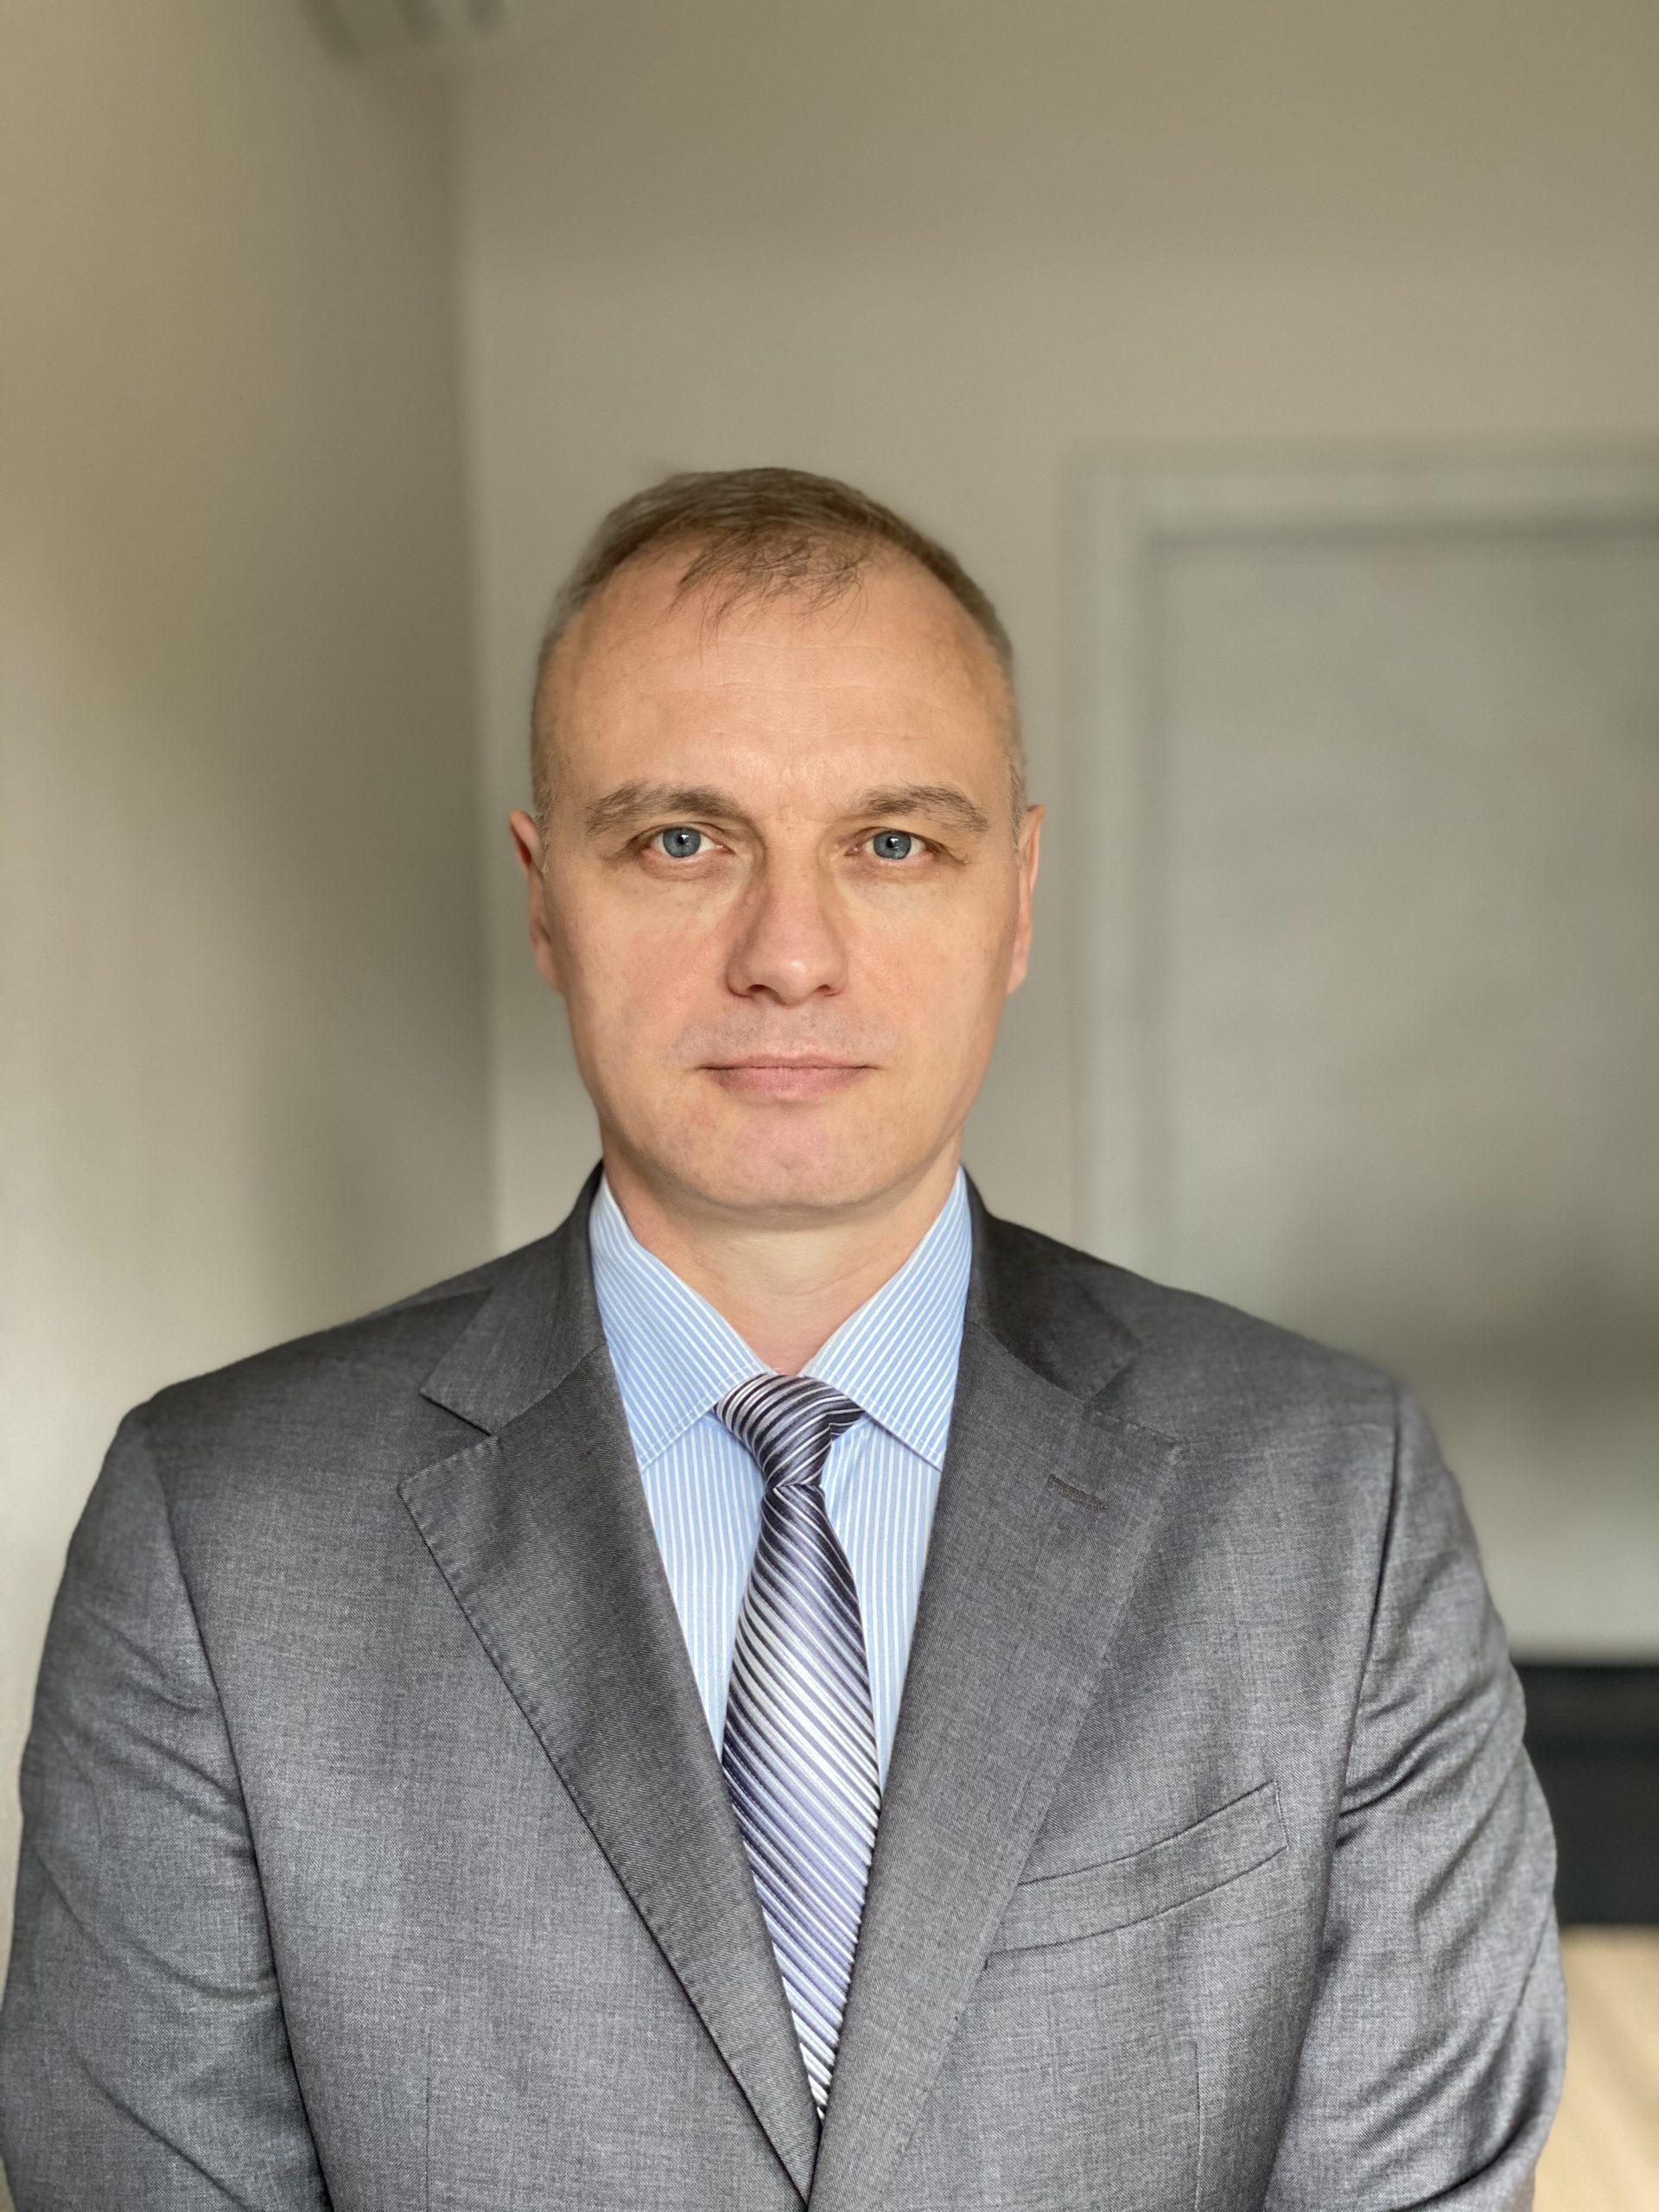 Галахов Василий Вадимович